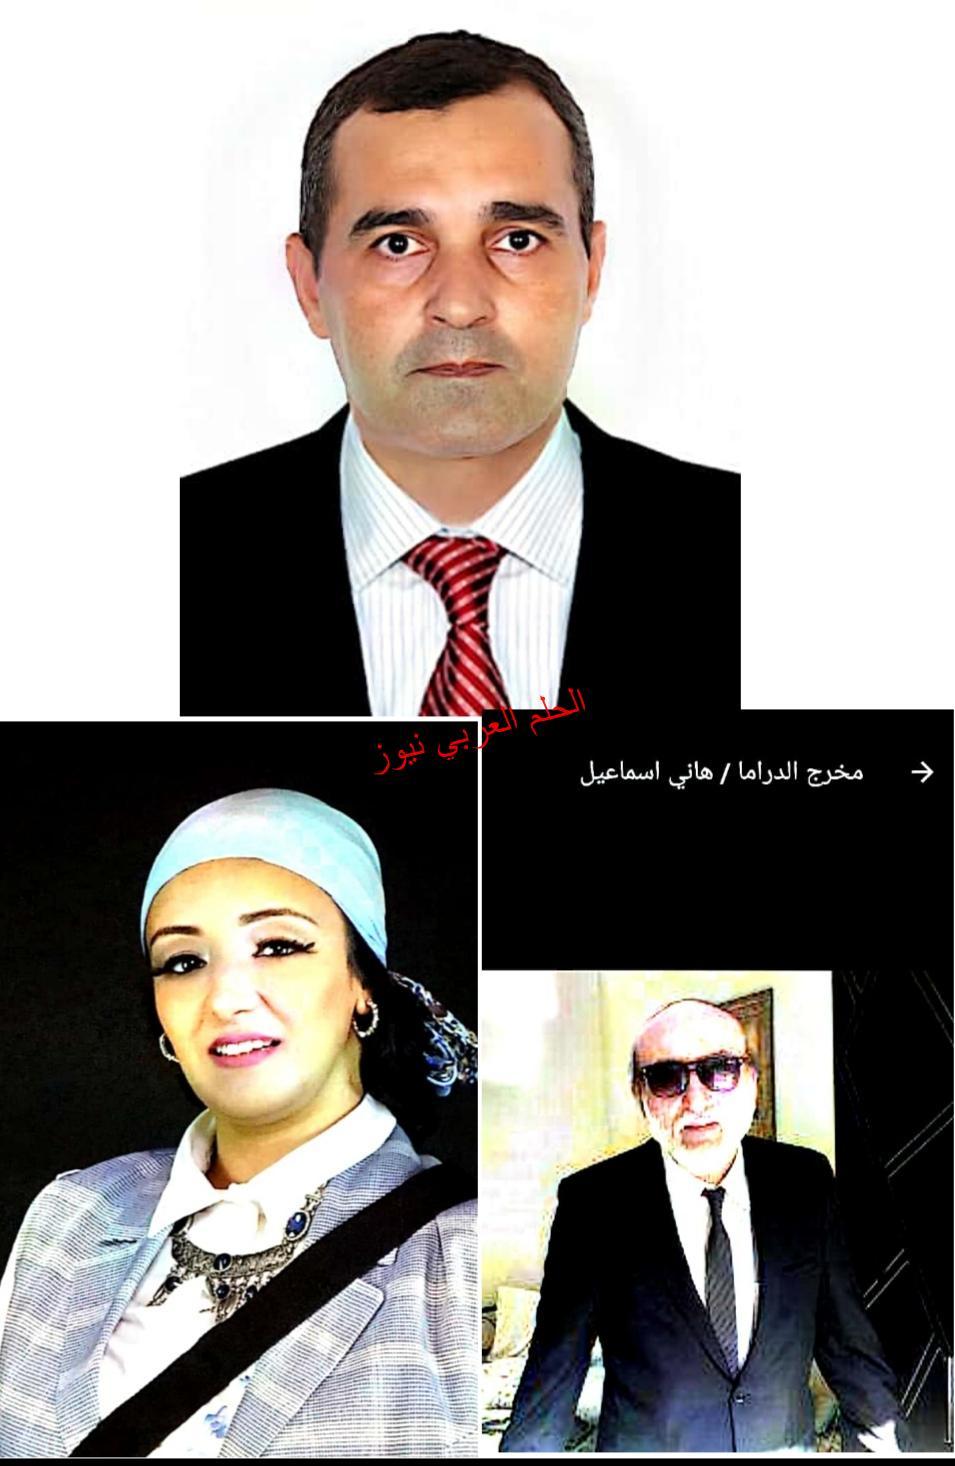 إبراهيم أصلان ينعى المخرج هاني إسماعيل.